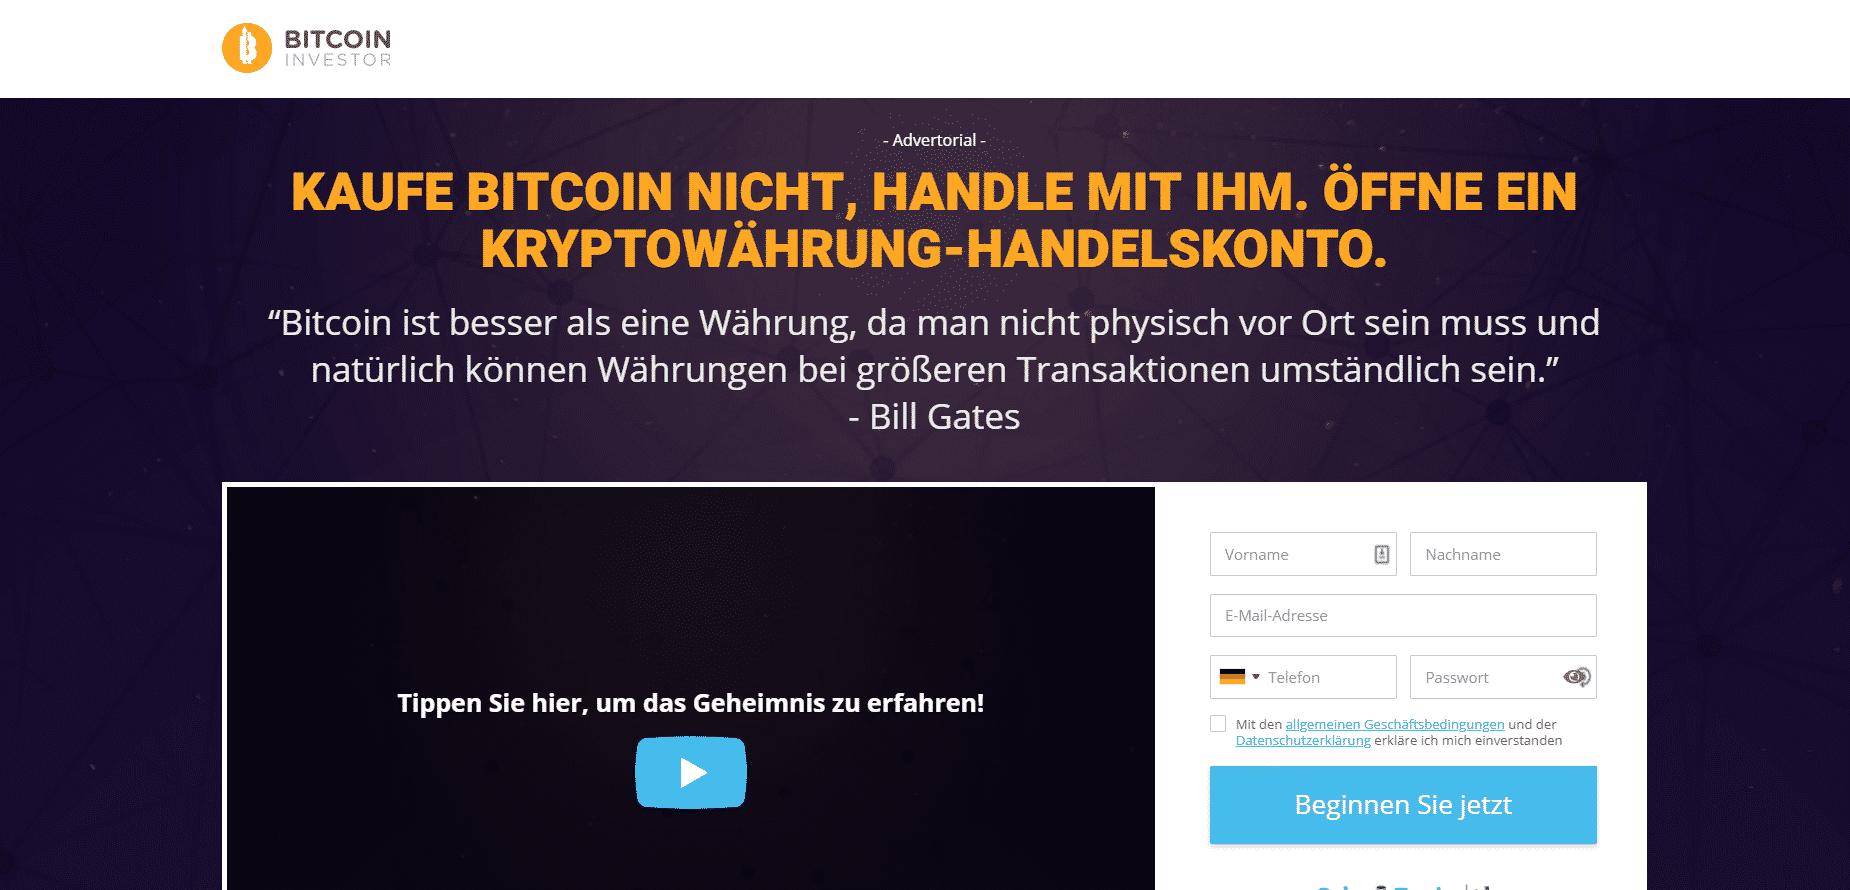 Bitcoin investor Erfahrungen